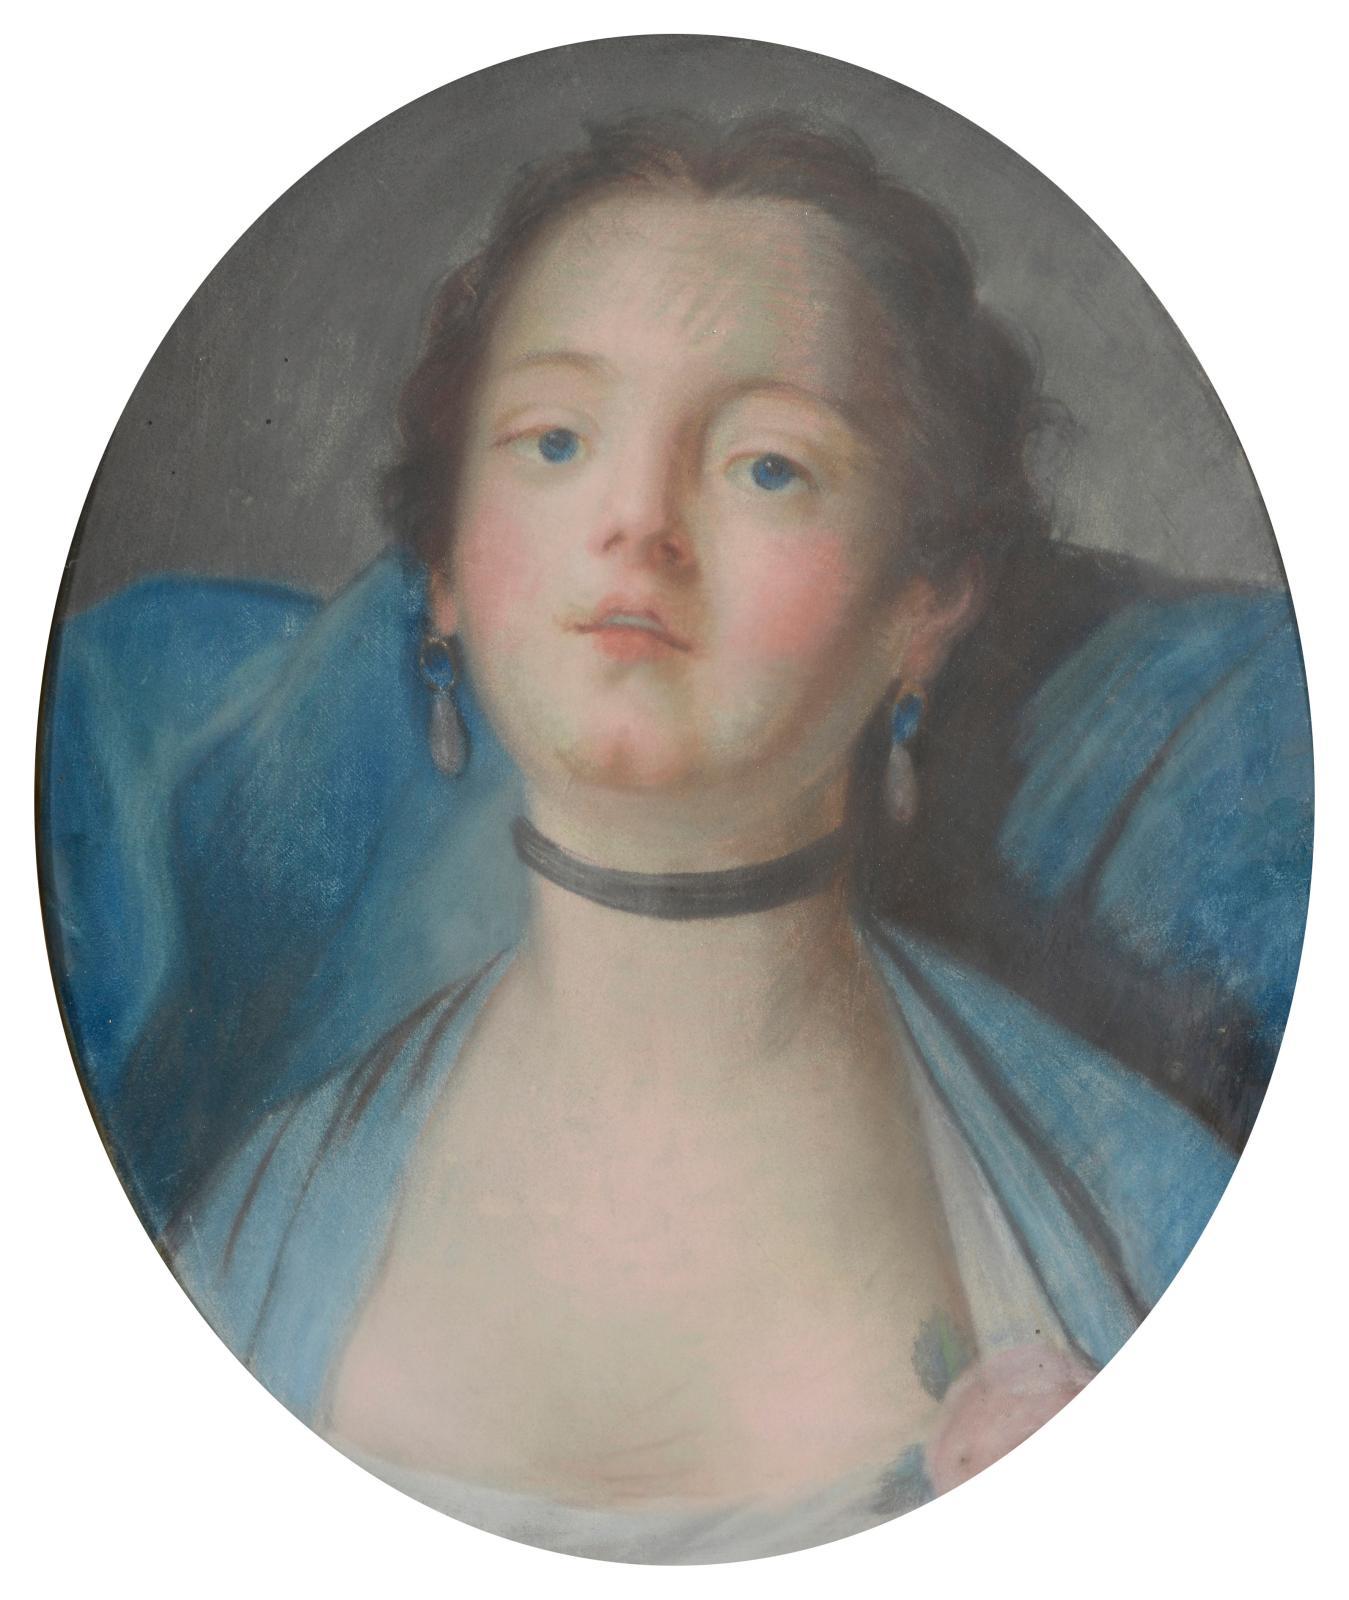 149€ École française du XIXesiècle. Portrait de jeune femme au collier de chien, pastel, 41x34cm. Drouot, 11juillet 2017. Le Floc'h